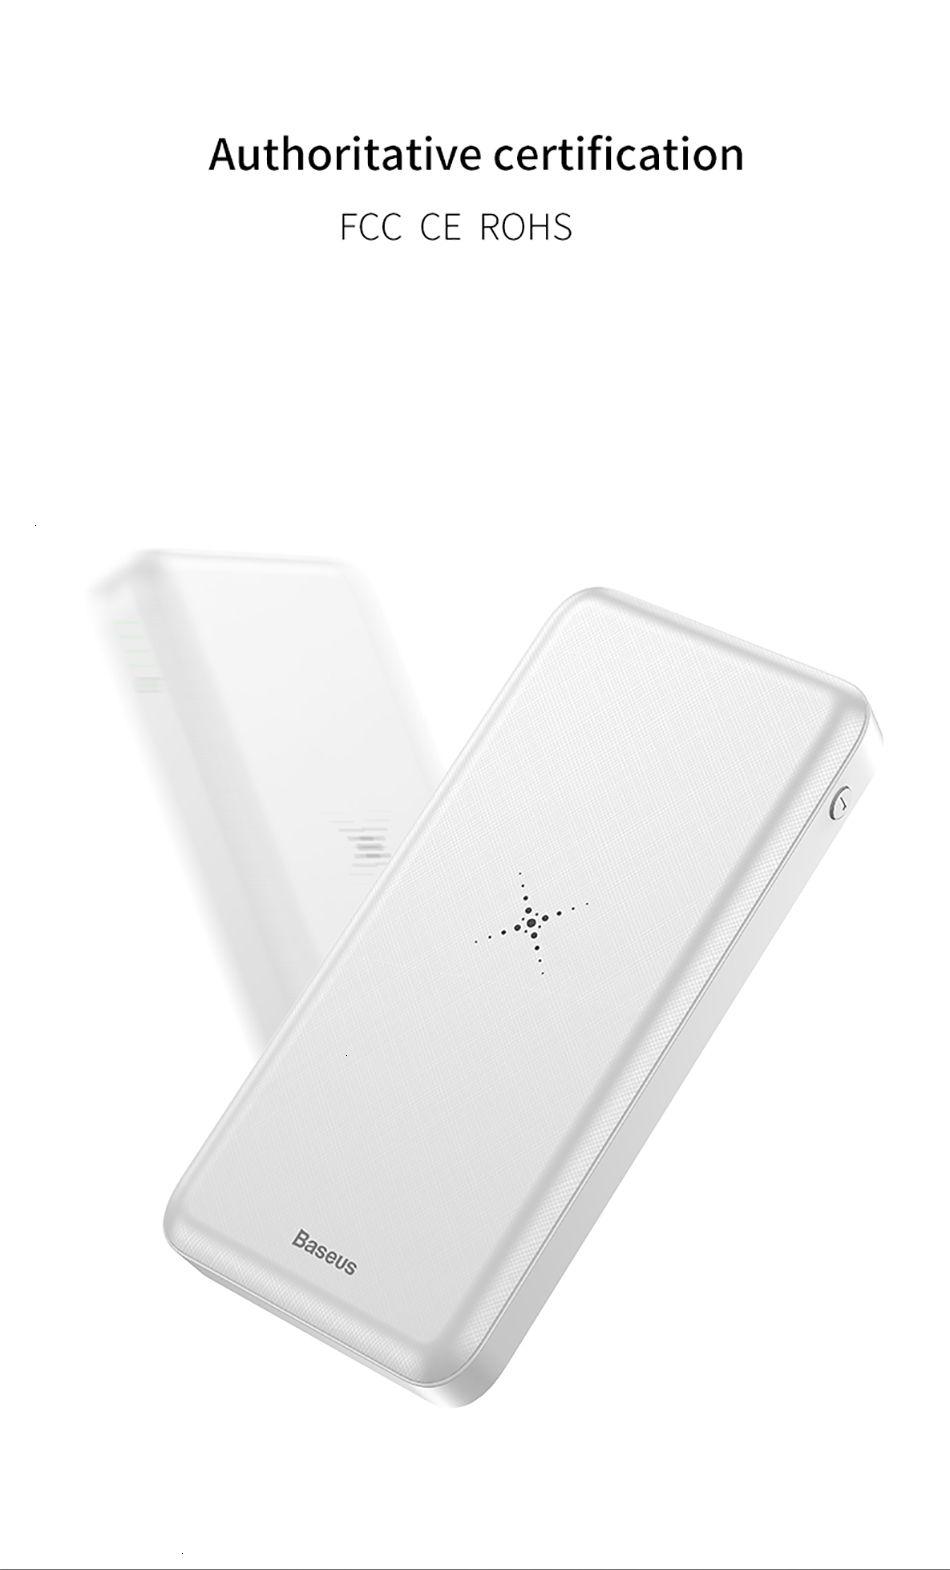 Baseus 10000mAh Qi chargeur sans fil Banque d'alimentation externe Batterie de charge sans fil Powerbank Pour iPhone11 X Samsung huawei Xiaomi